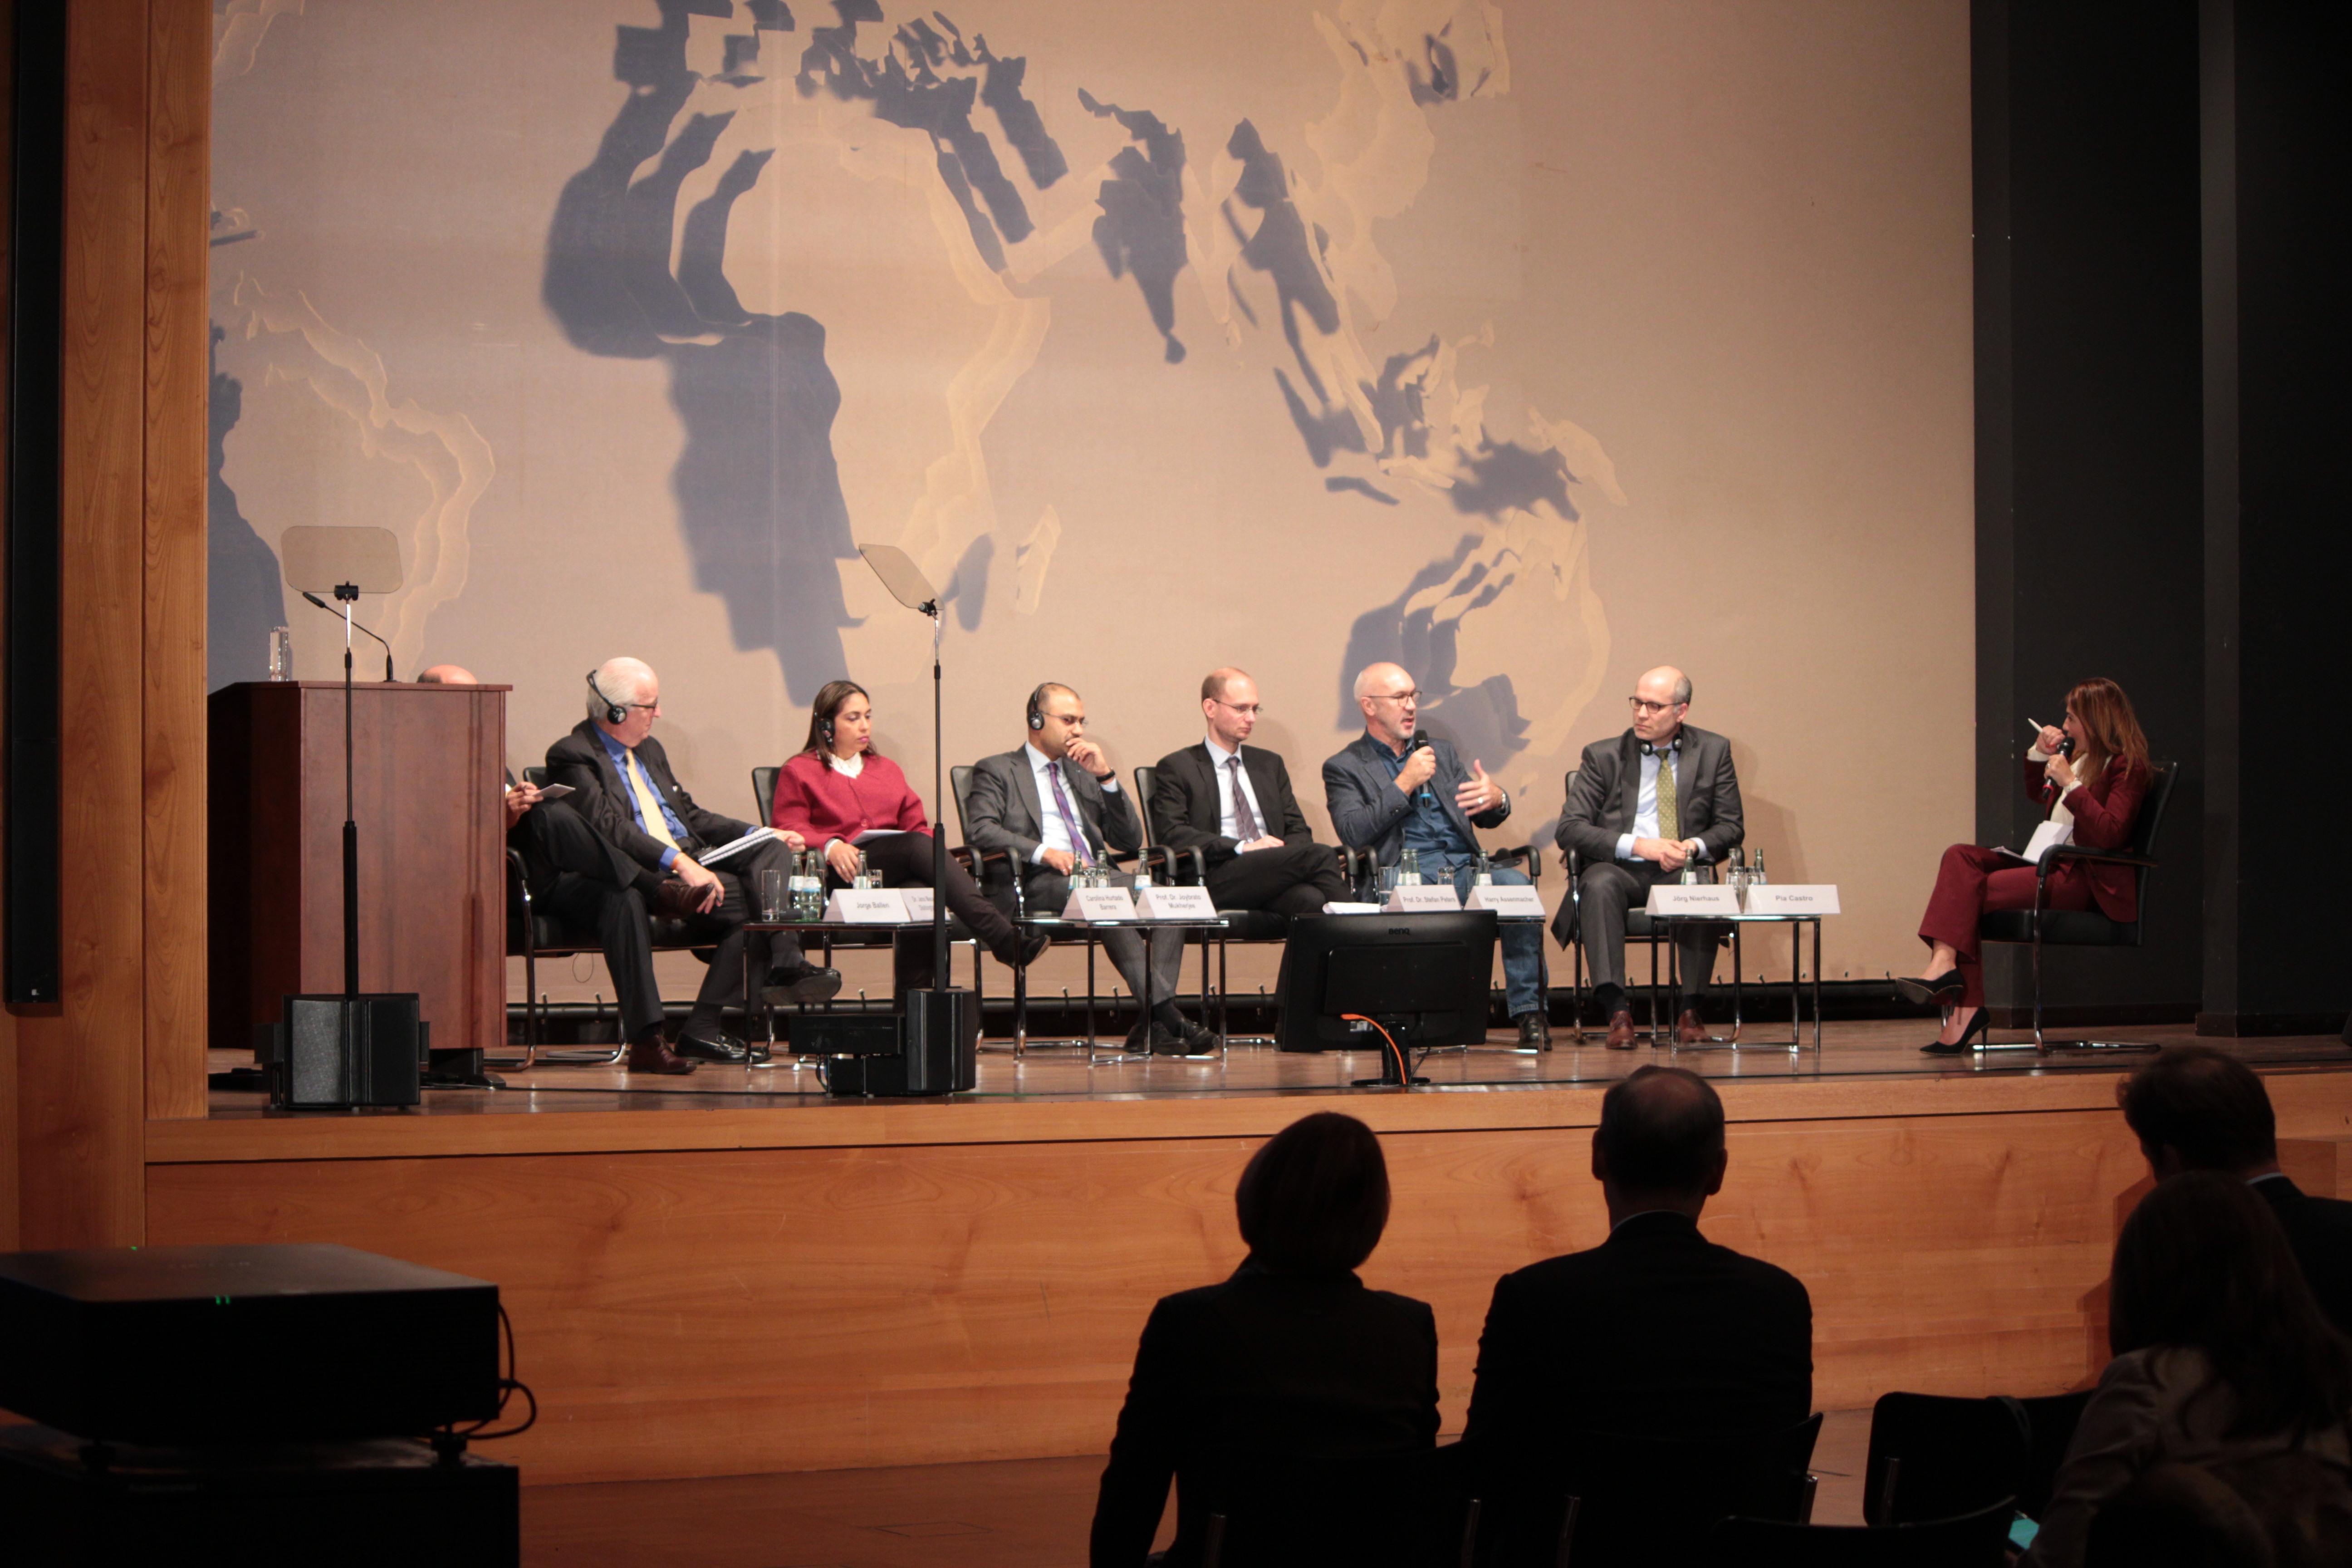 Die Podiumsdiskussion mit KolumbienexpertInnen wurde von Pia Castro, Journalistin der Deutschen Welle (ganz rechts), moderiert. Harry Assenmacher bei einerm Redebeitrag (3.v.r.). Foto: Jan Fockele